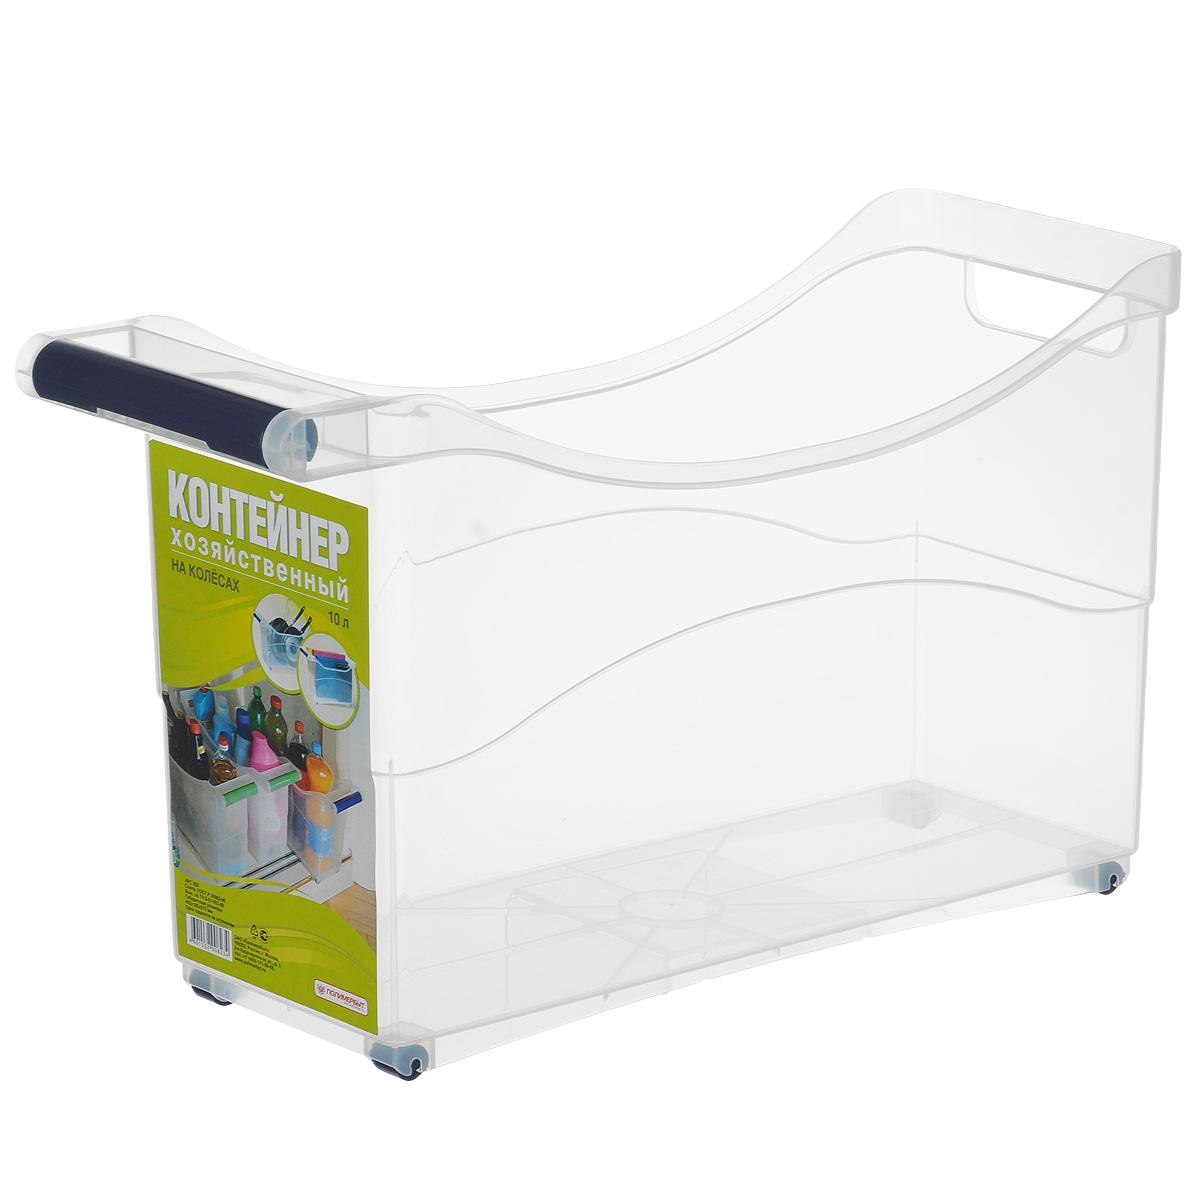 """Универсальный контейнер """"Полимербыт"""", изготовленный из высококачественного пластика, предназначен для хранения различных предметов в ванной, на кухне и в прихожей. Контейнер вместительный, оснащен удобной ручкой и колесиками, благодаря чему его очень легко перемещать. Придется особенно кстати, если у вас небольшая ванная или кухня.Объем: 10 л."""